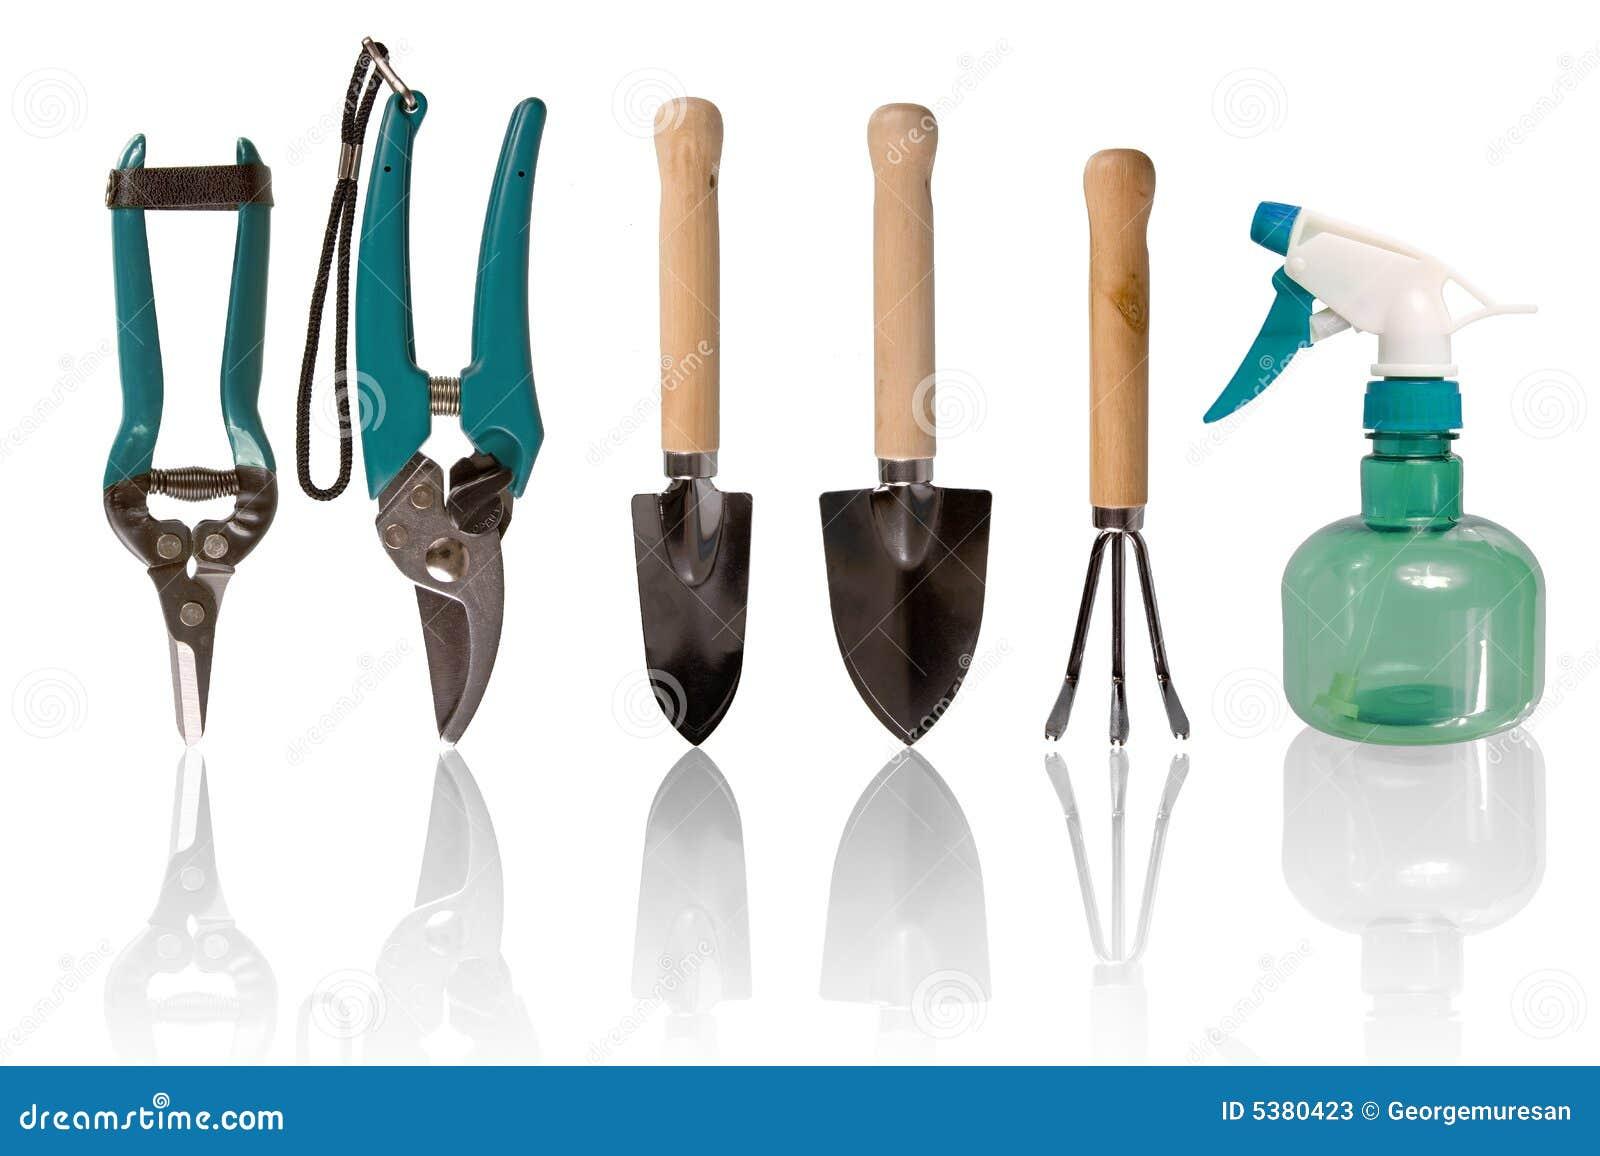 petits outils de jardinage photos stock image 5380423